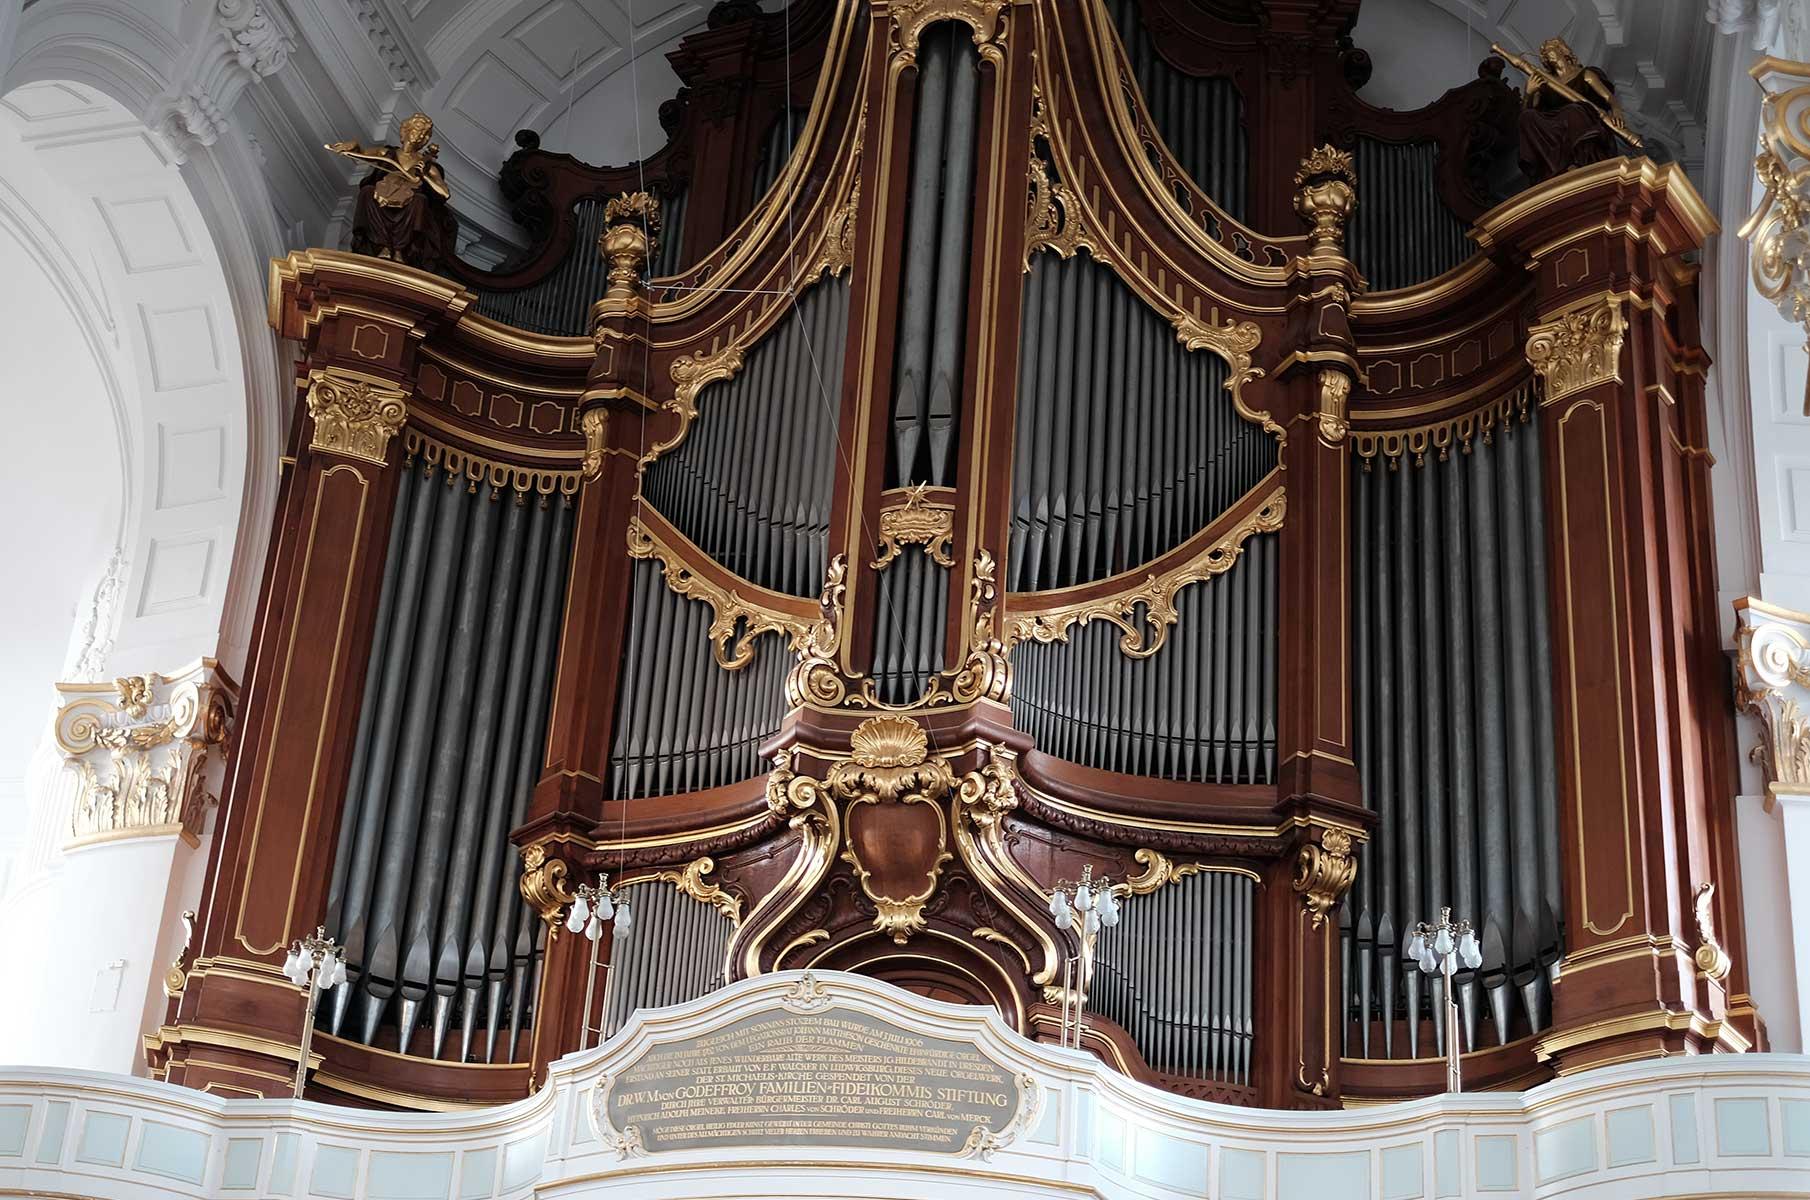 Die Orgel im Michel, der St. Michaelis Kirche, in Hamburg